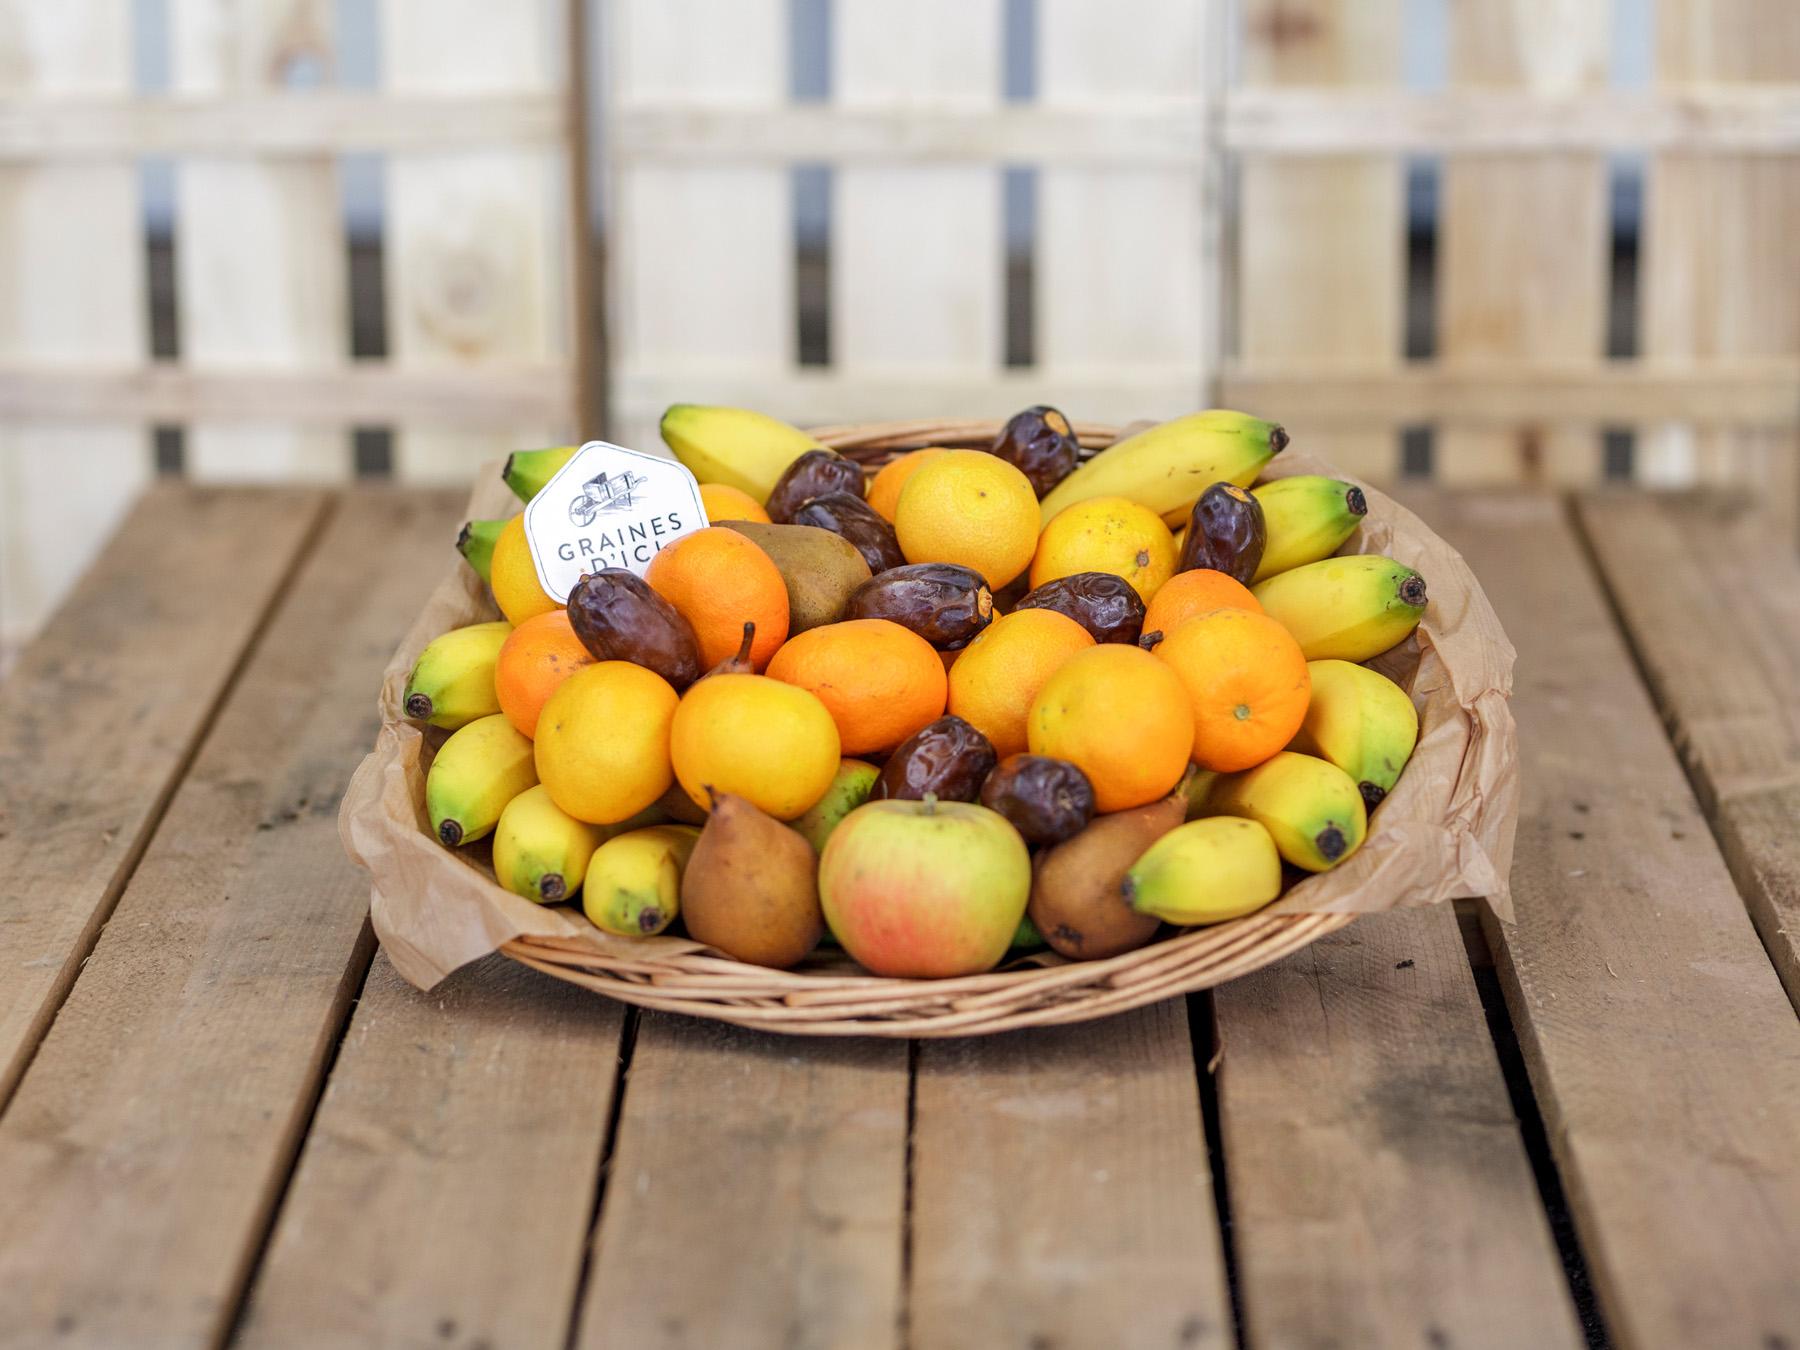 Corbeille fruits entreprises Graines d'ici Nantes